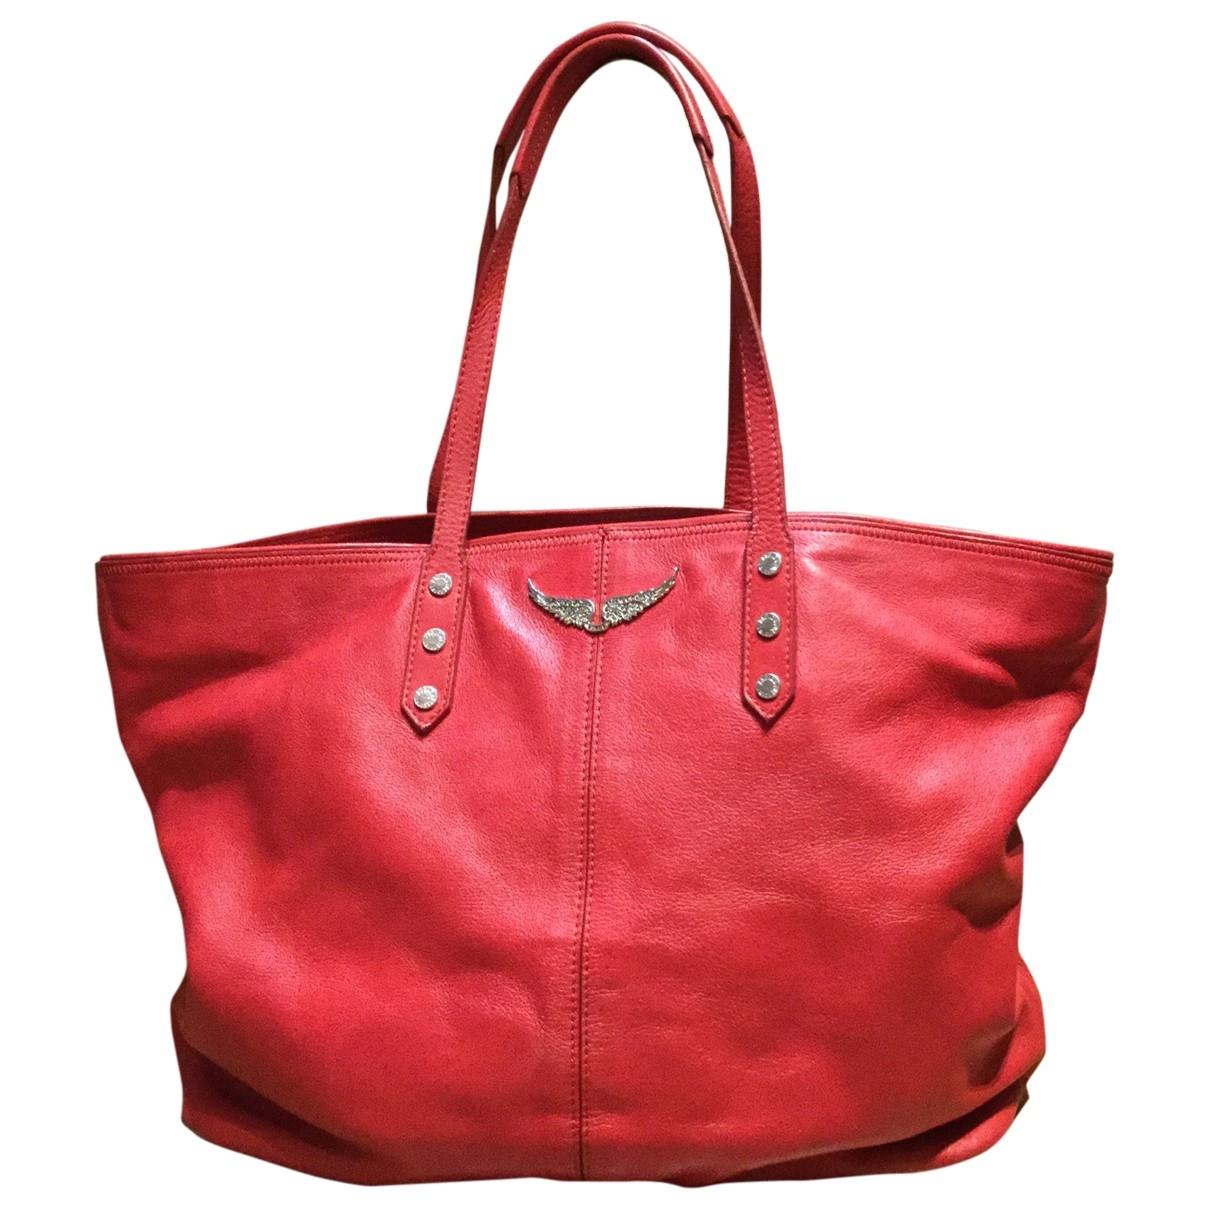 Zadig & Voltaire - Sac a main   pour femme en cuir - rouge